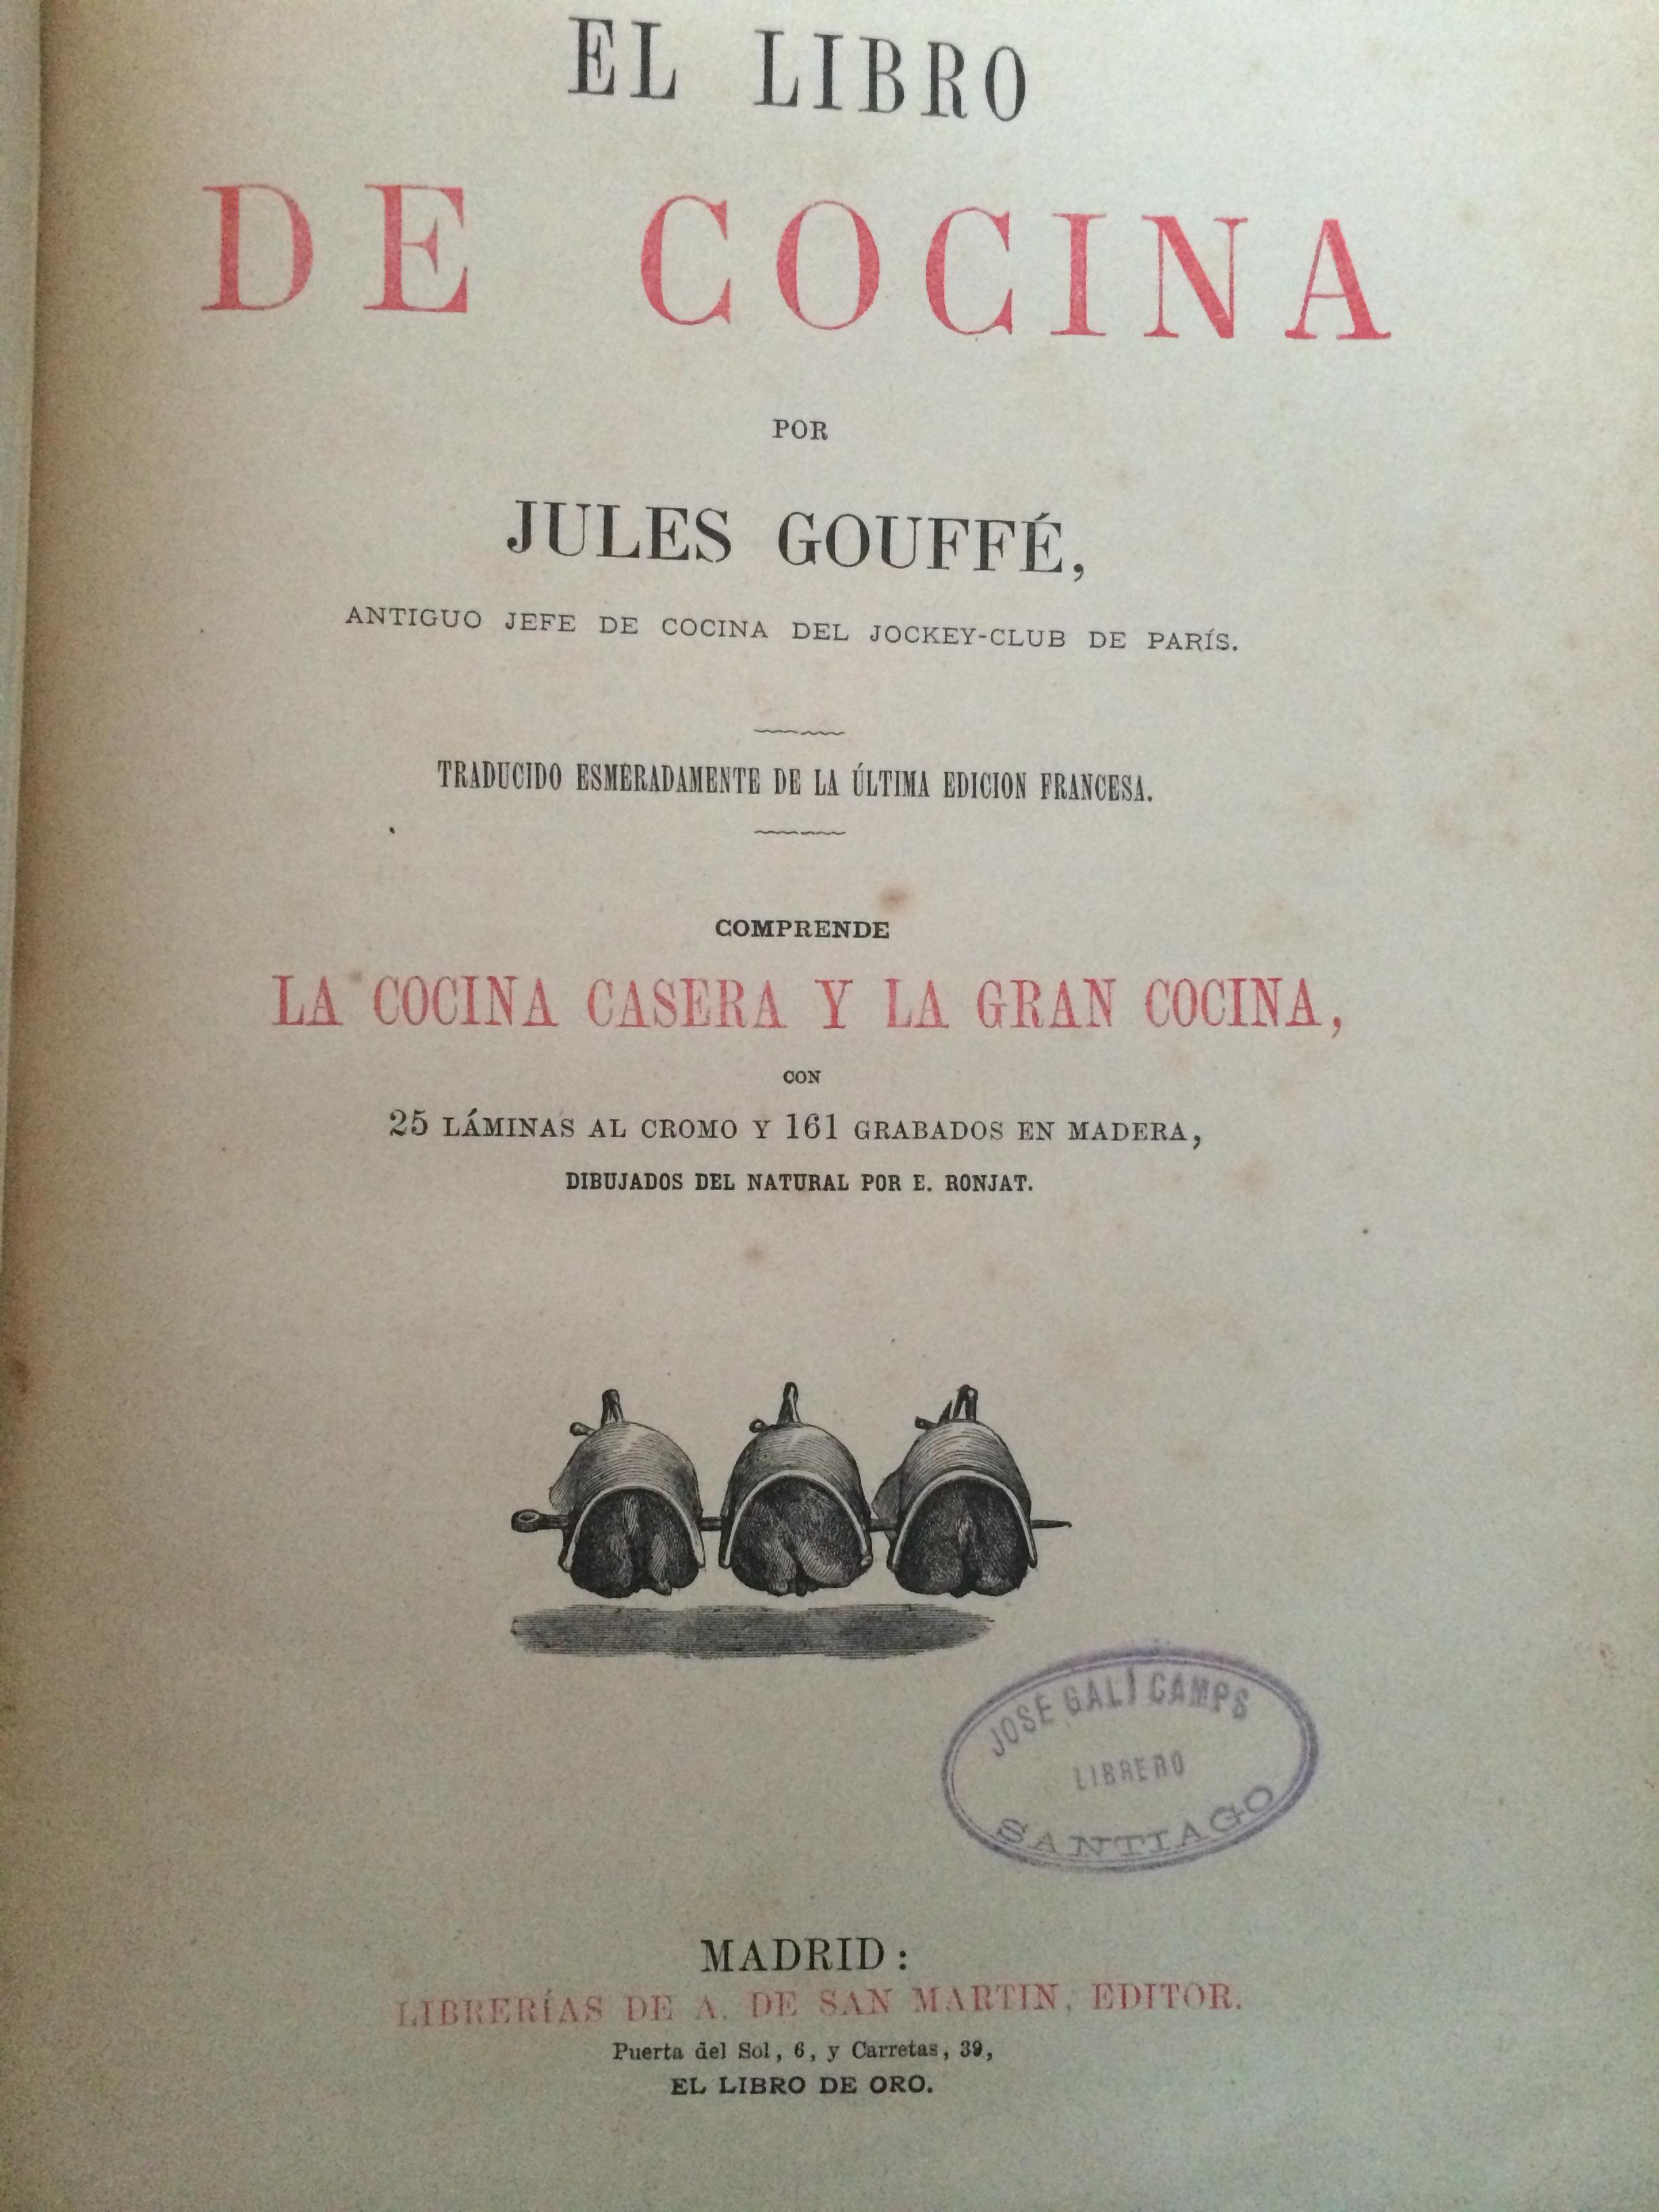 libros de cocina antiguos de jules gouff 1807 1877